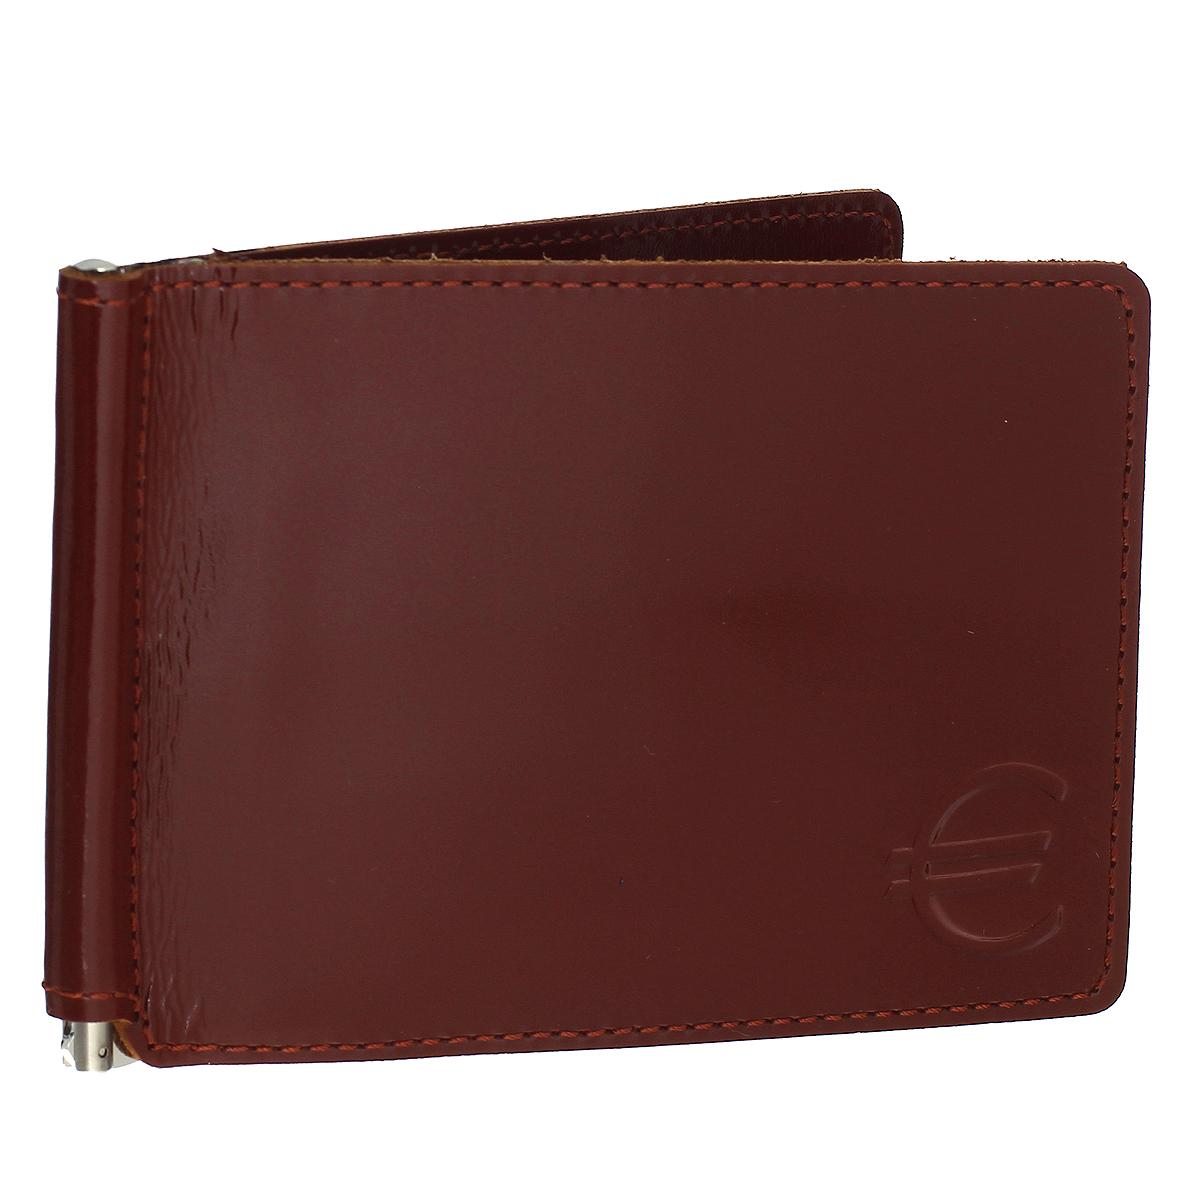 Зажим для купюр Befler Classic, цвет: коричневый. Z.6.-1Z.6.-1.cognacЗажим для купюр Befler Classic выполнен из натуральной кожи и оформлен тиснением в виде знака евро. На внутреннем развороте удобная металлическая фурнитура и 6 карманов для кредитных карт. Такой зажим станет отличным подарком для человека, ценящего качественные и красивые вещи.